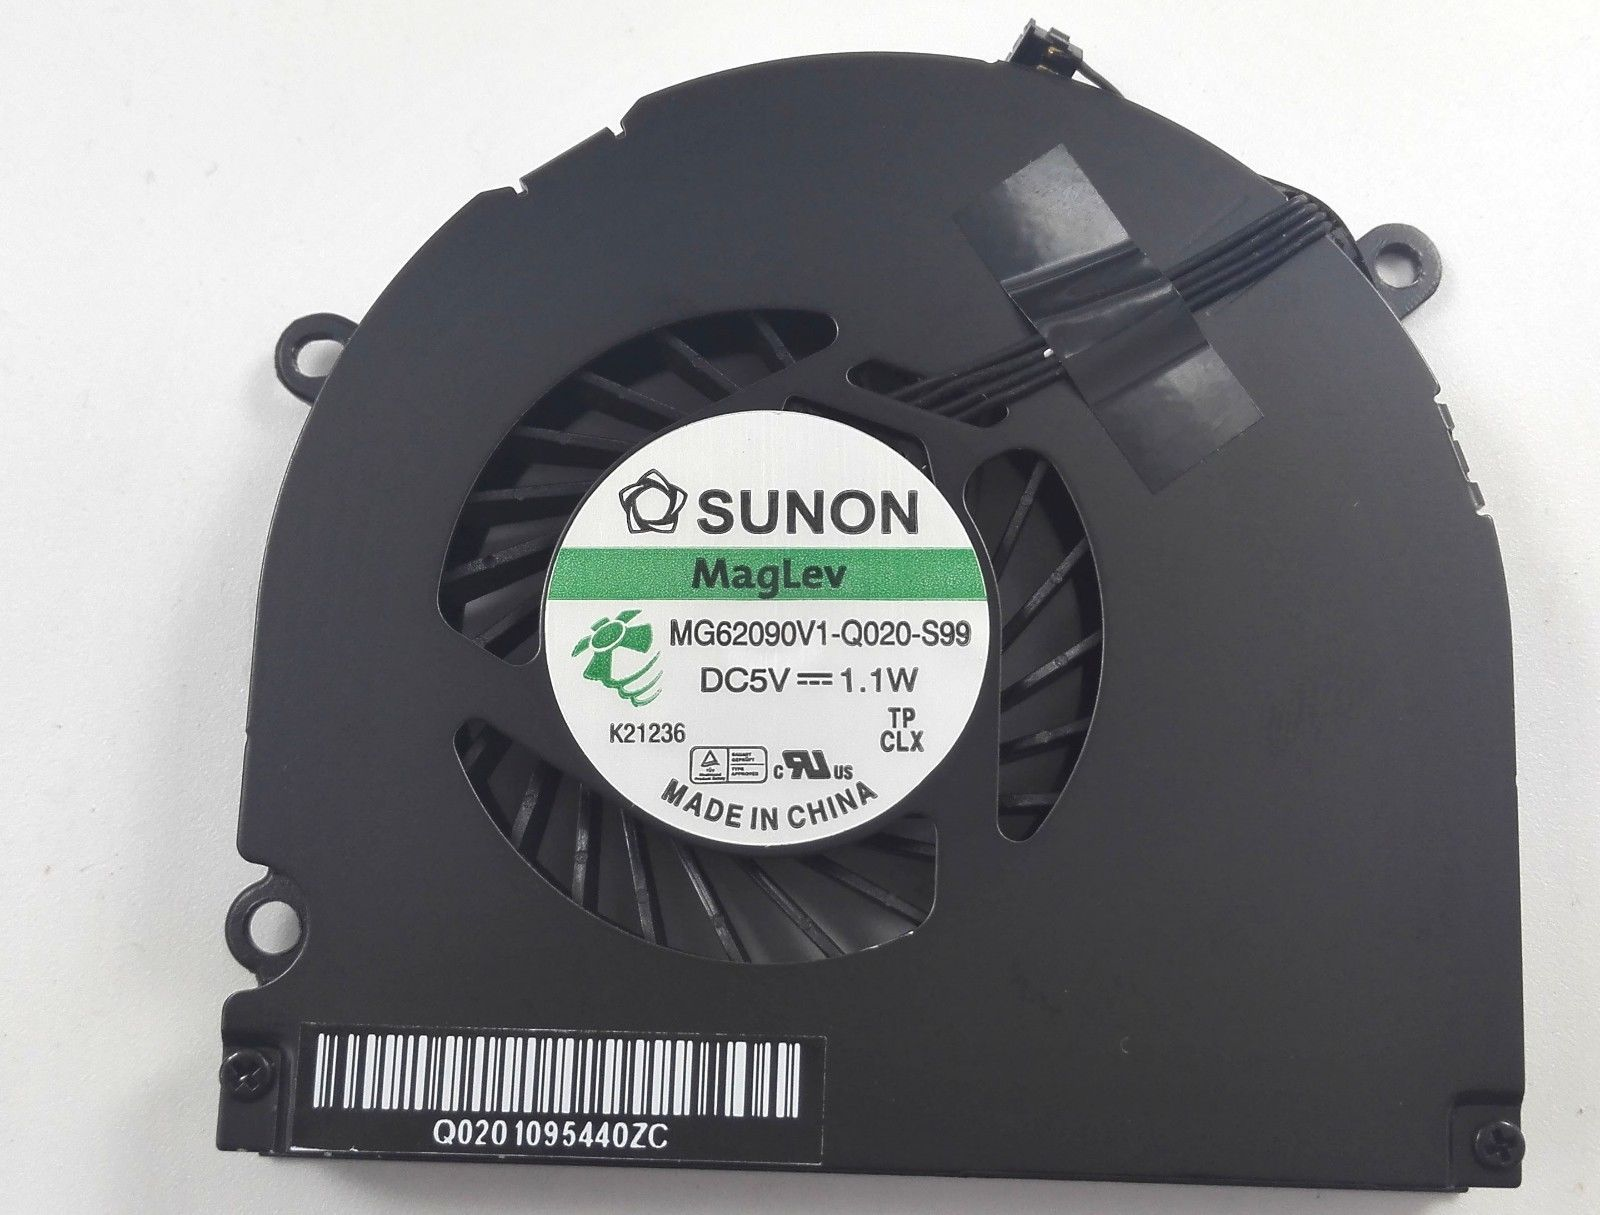 Около четырех-Apple ноутбук вентилятор SUNON 5V 1.1W вентилятор MG62090V1-Q020-S99